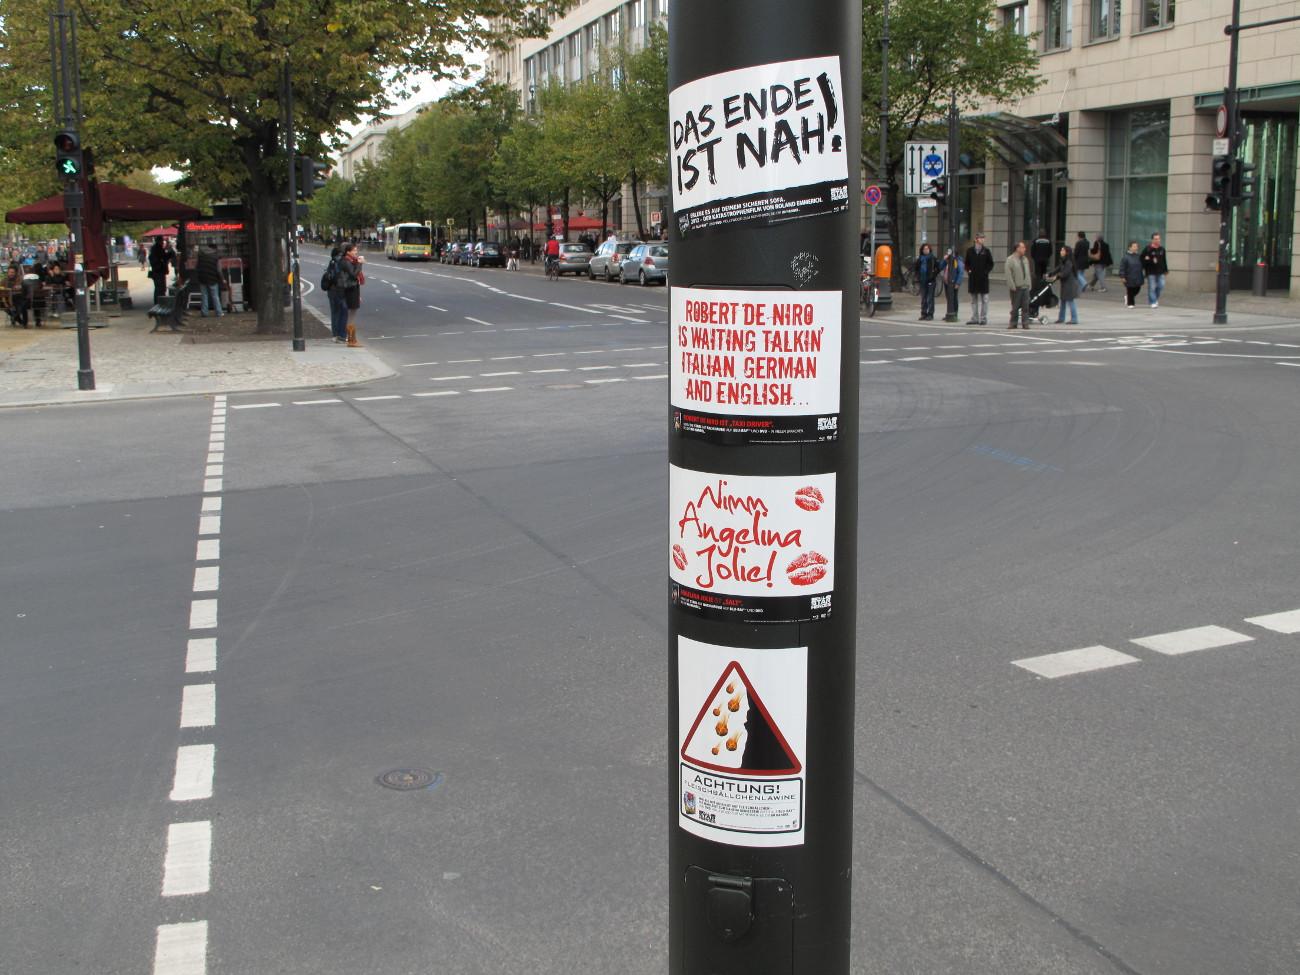 Ablösbare Aufkleber-Werbung an einer Laterne an einer Kreuzung in der Innenstadt